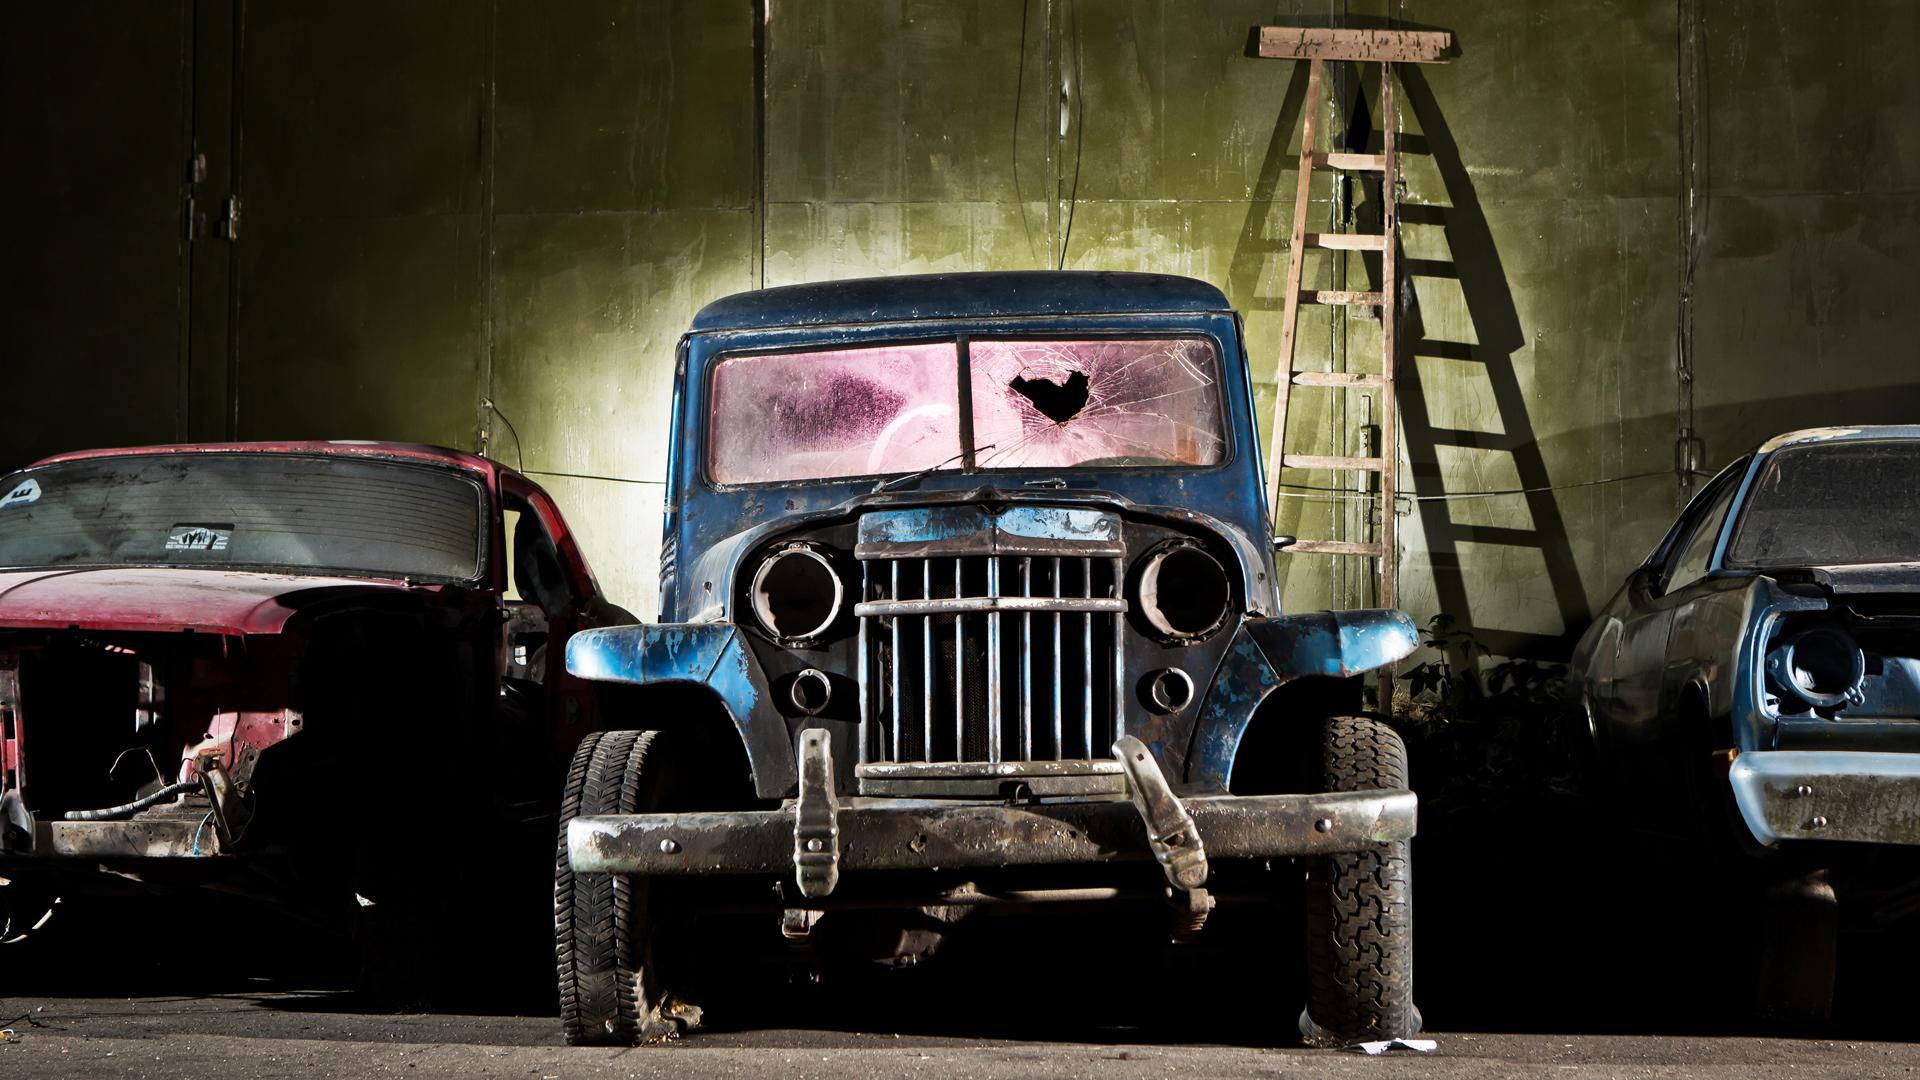 Ford Mustang свнутренностями «Волги» идругие иномарки ссоветской историей. Фото 15